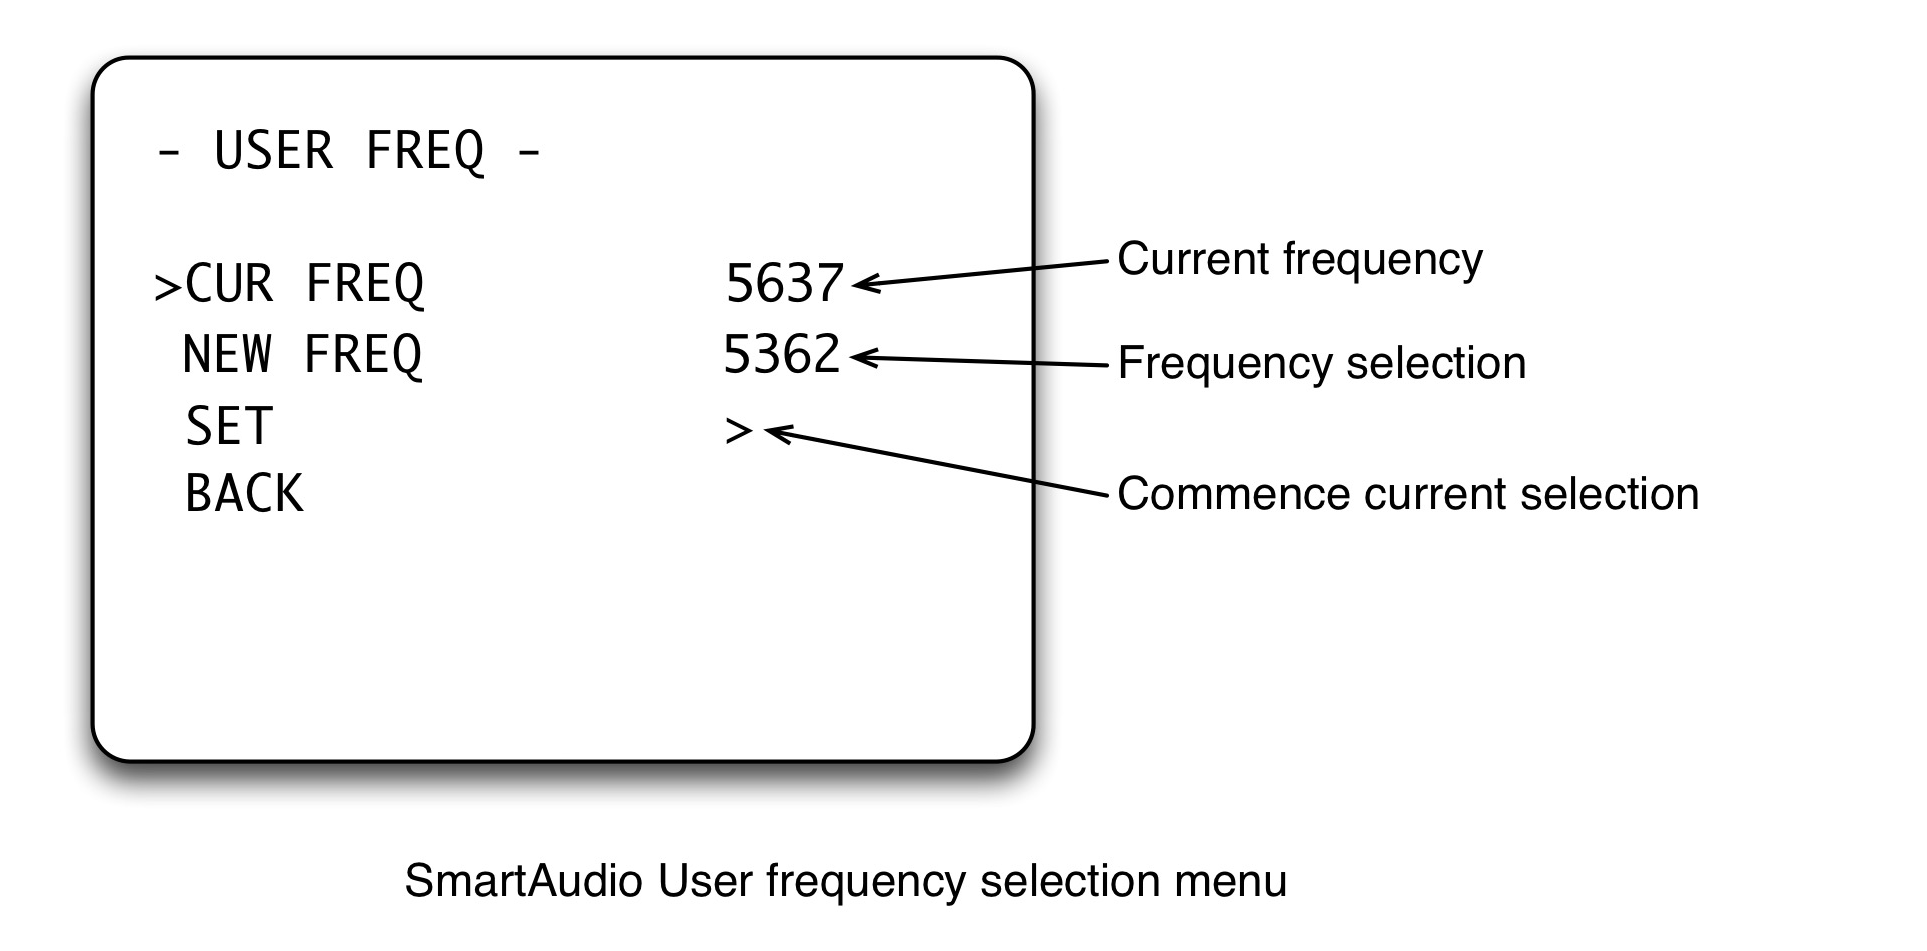 SmartAudio Frequency selection menu